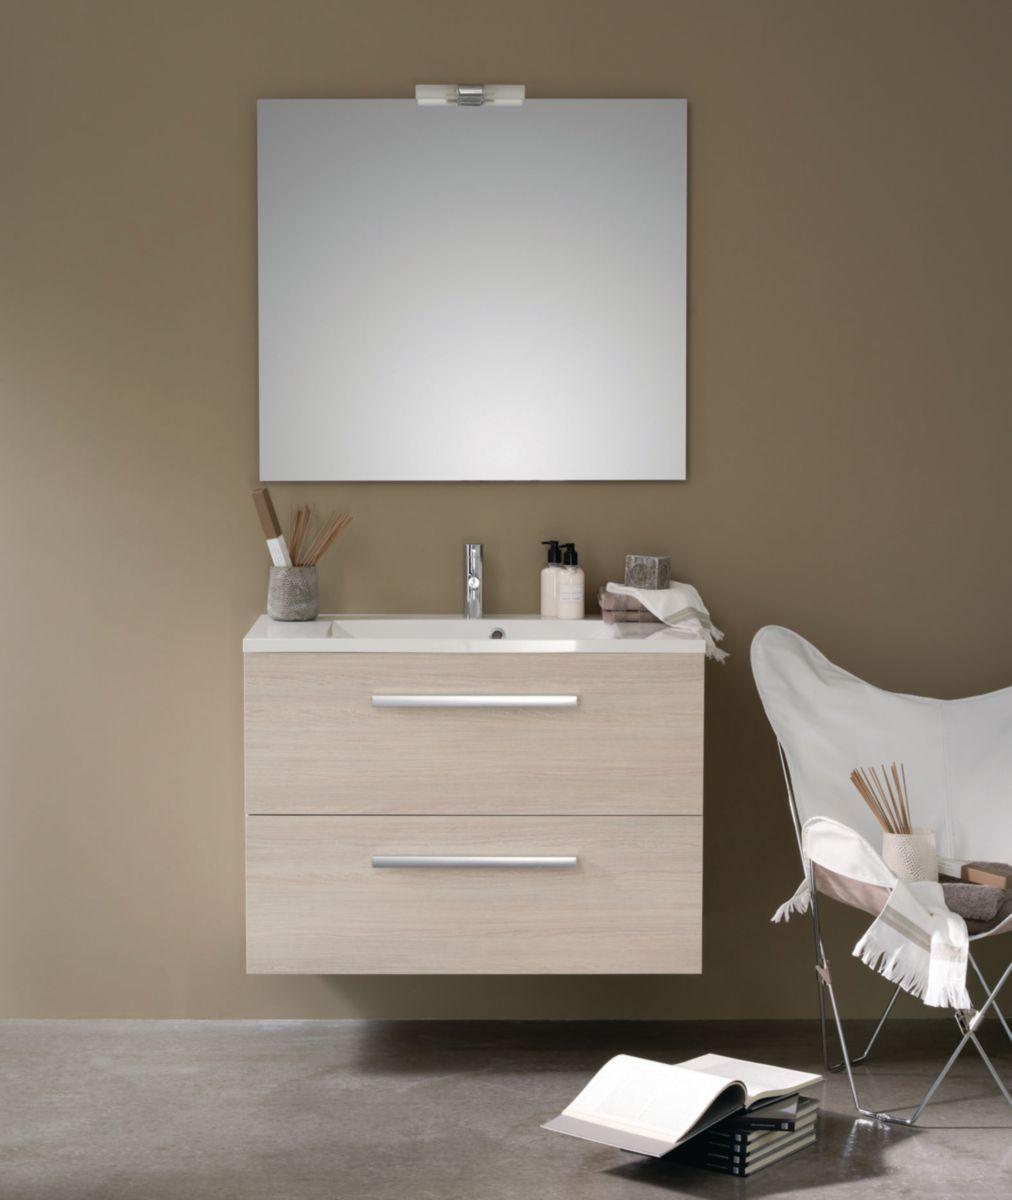 pompe de relevage salle de bain free machine laver pompe de relevage lave linge sous evier. Black Bedroom Furniture Sets. Home Design Ideas